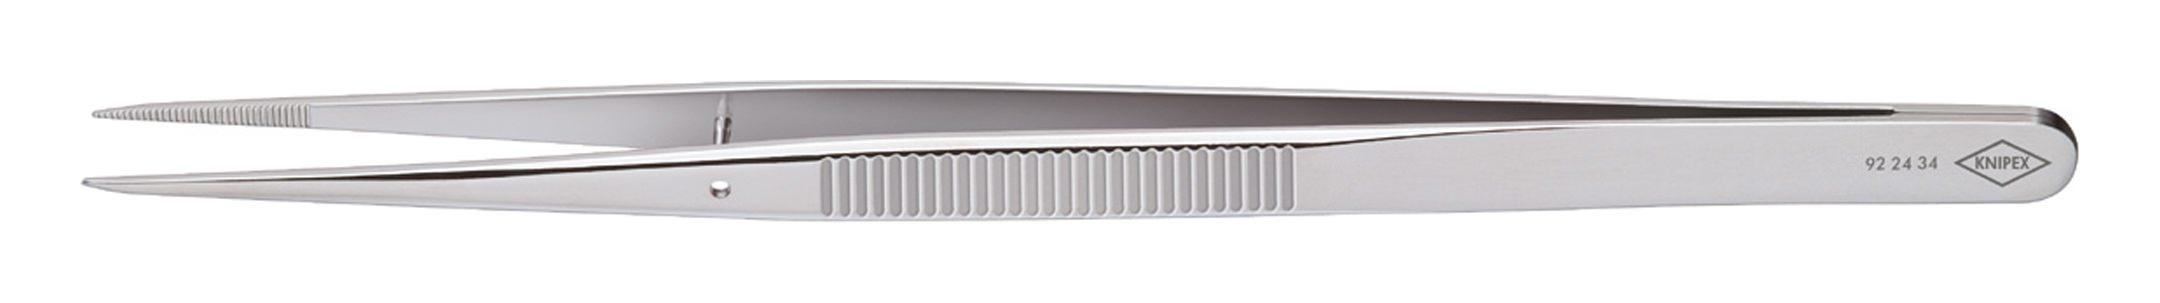 Knipex Präzisions-Pinzette spitz 155mm vernickelt - 92 24 34